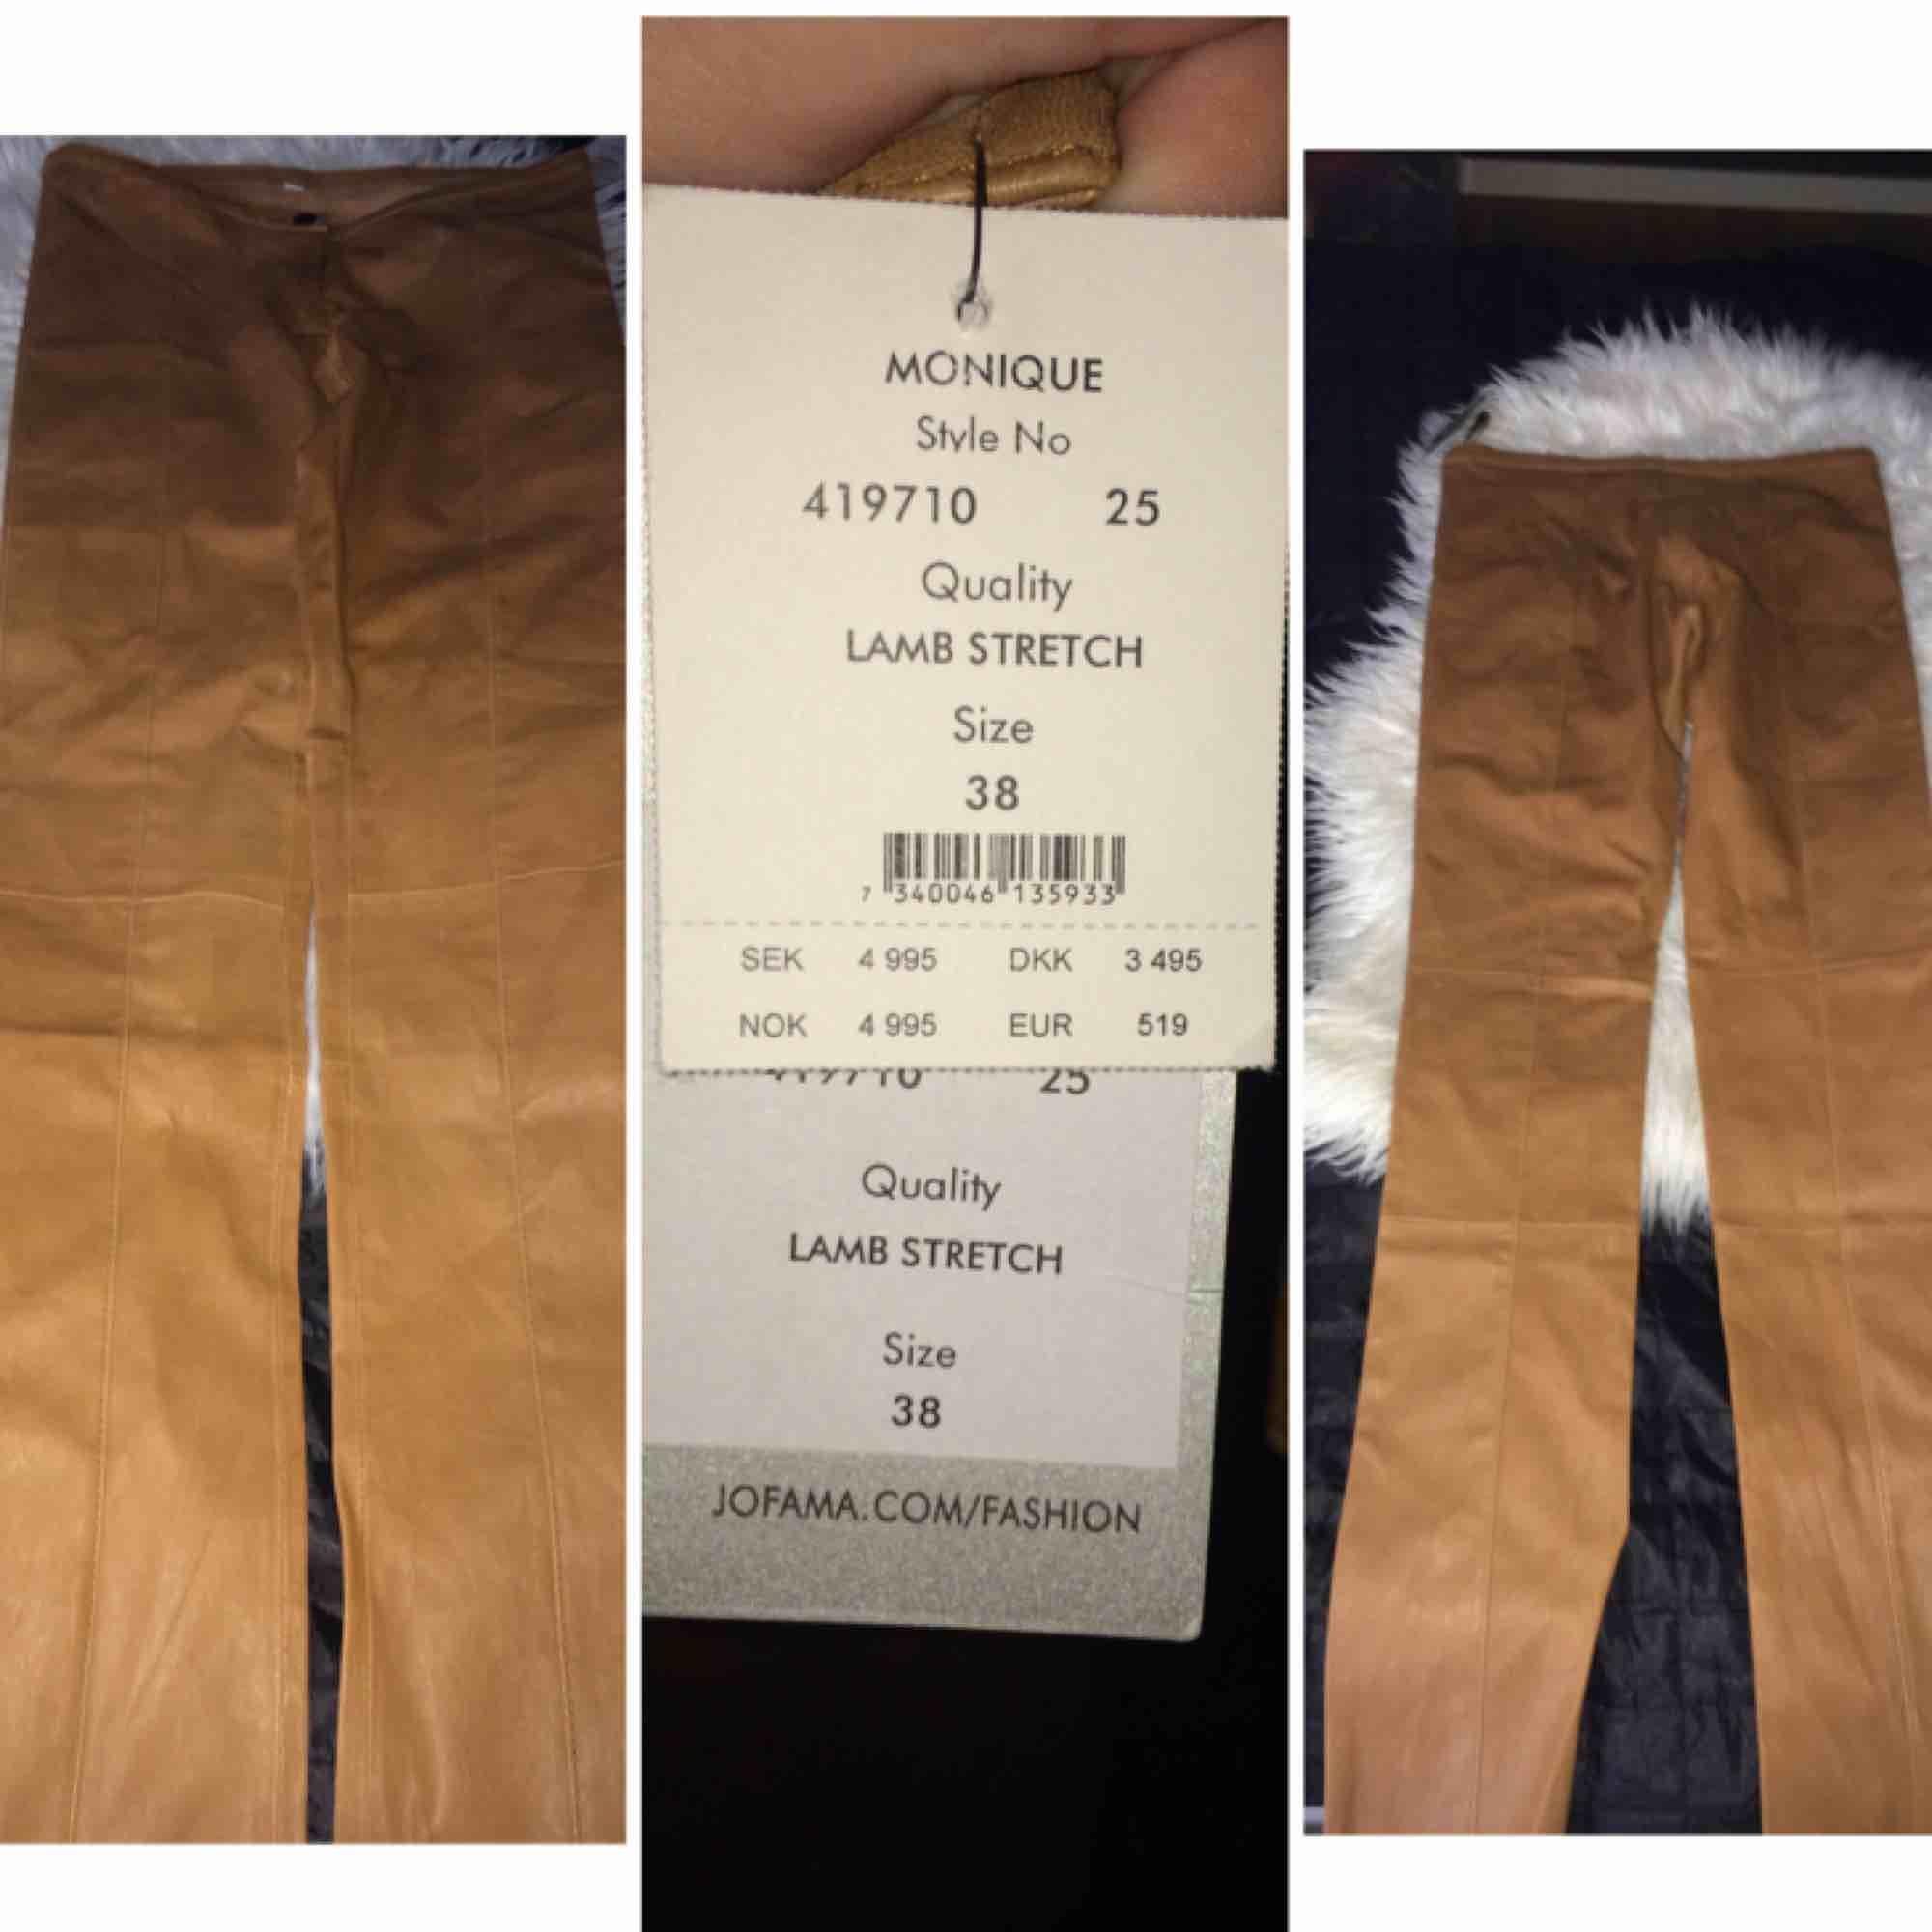 Helt ny äkta jofama skinbyxor i stl 38  Prislapp finns kvar med ordpriset  Mitt pris som gäller  Kvittot finns ej kvar  Frakt tillkommer . Jeans & Byxor.